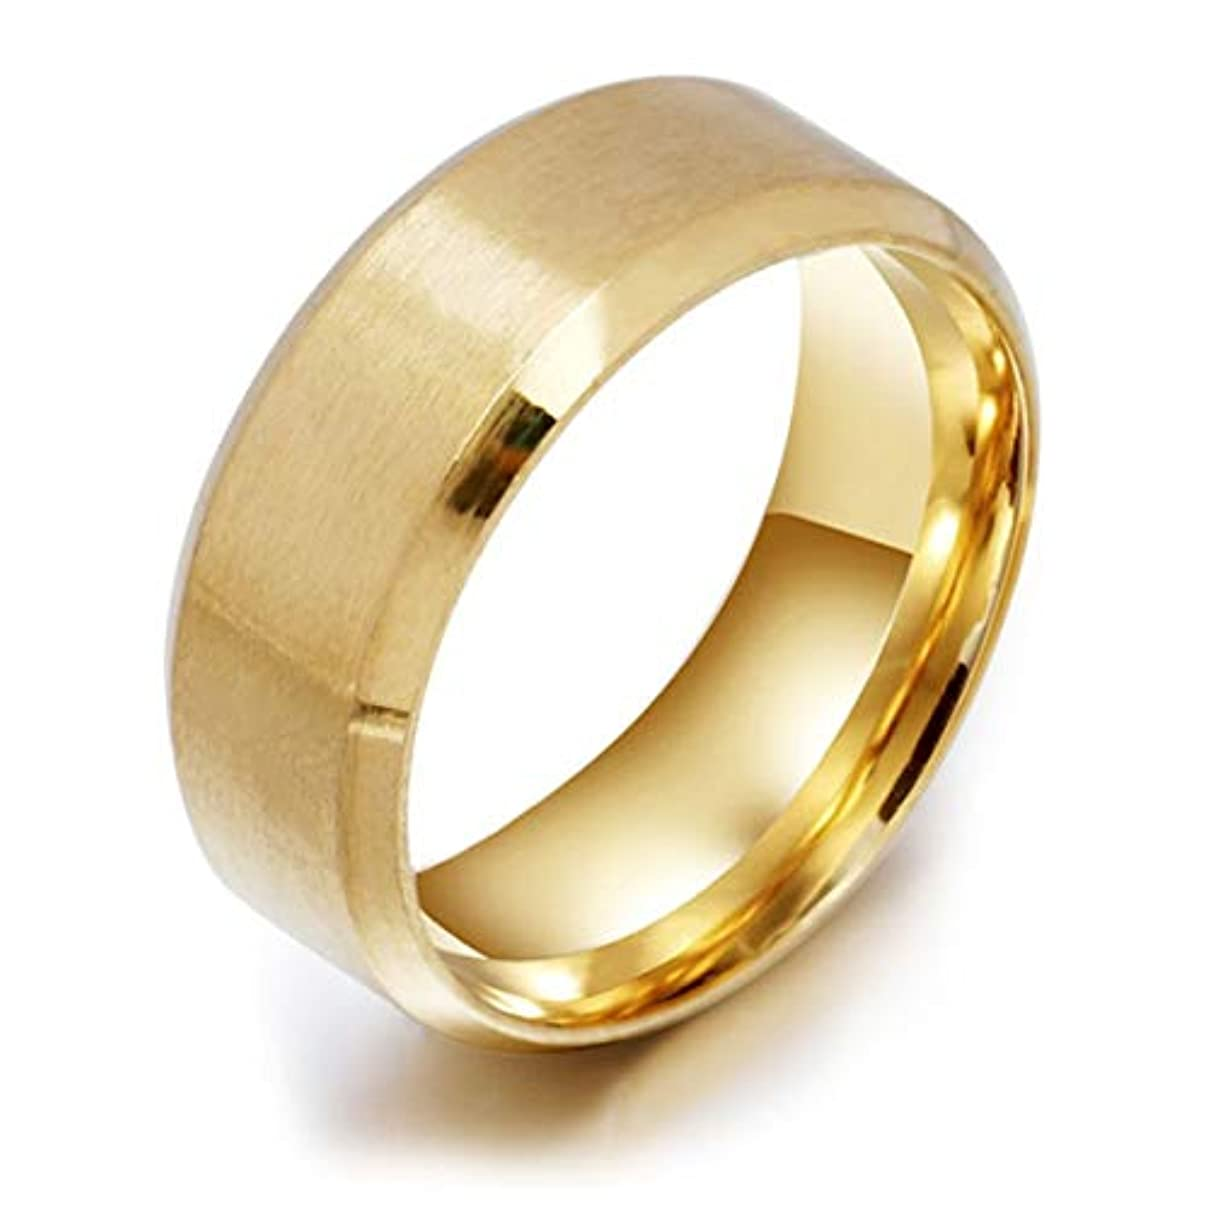 後世かすれた冷蔵庫ステンレス鋼の医療指リング磁気減量リング男性のための高いポーランドのファッションジュエリー女性リング-ゴールド10